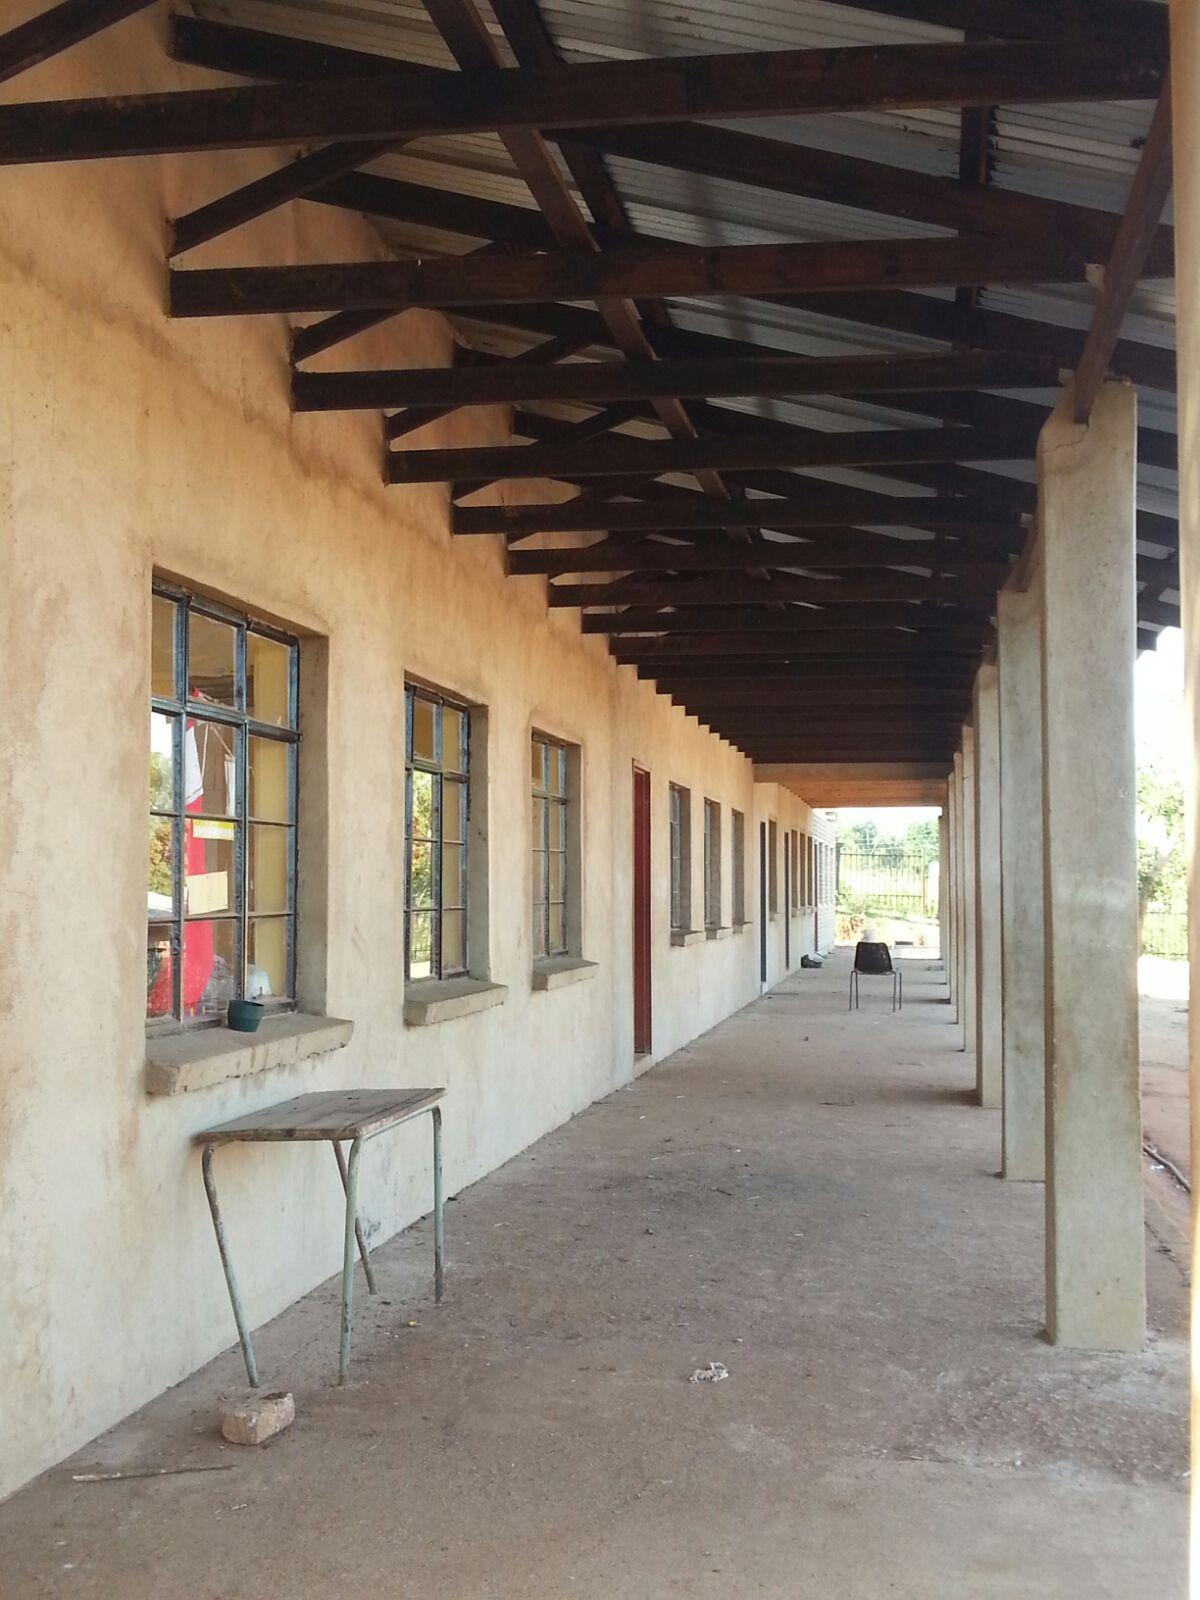 auch die Veranda des Gebäudes kann genutzt werden